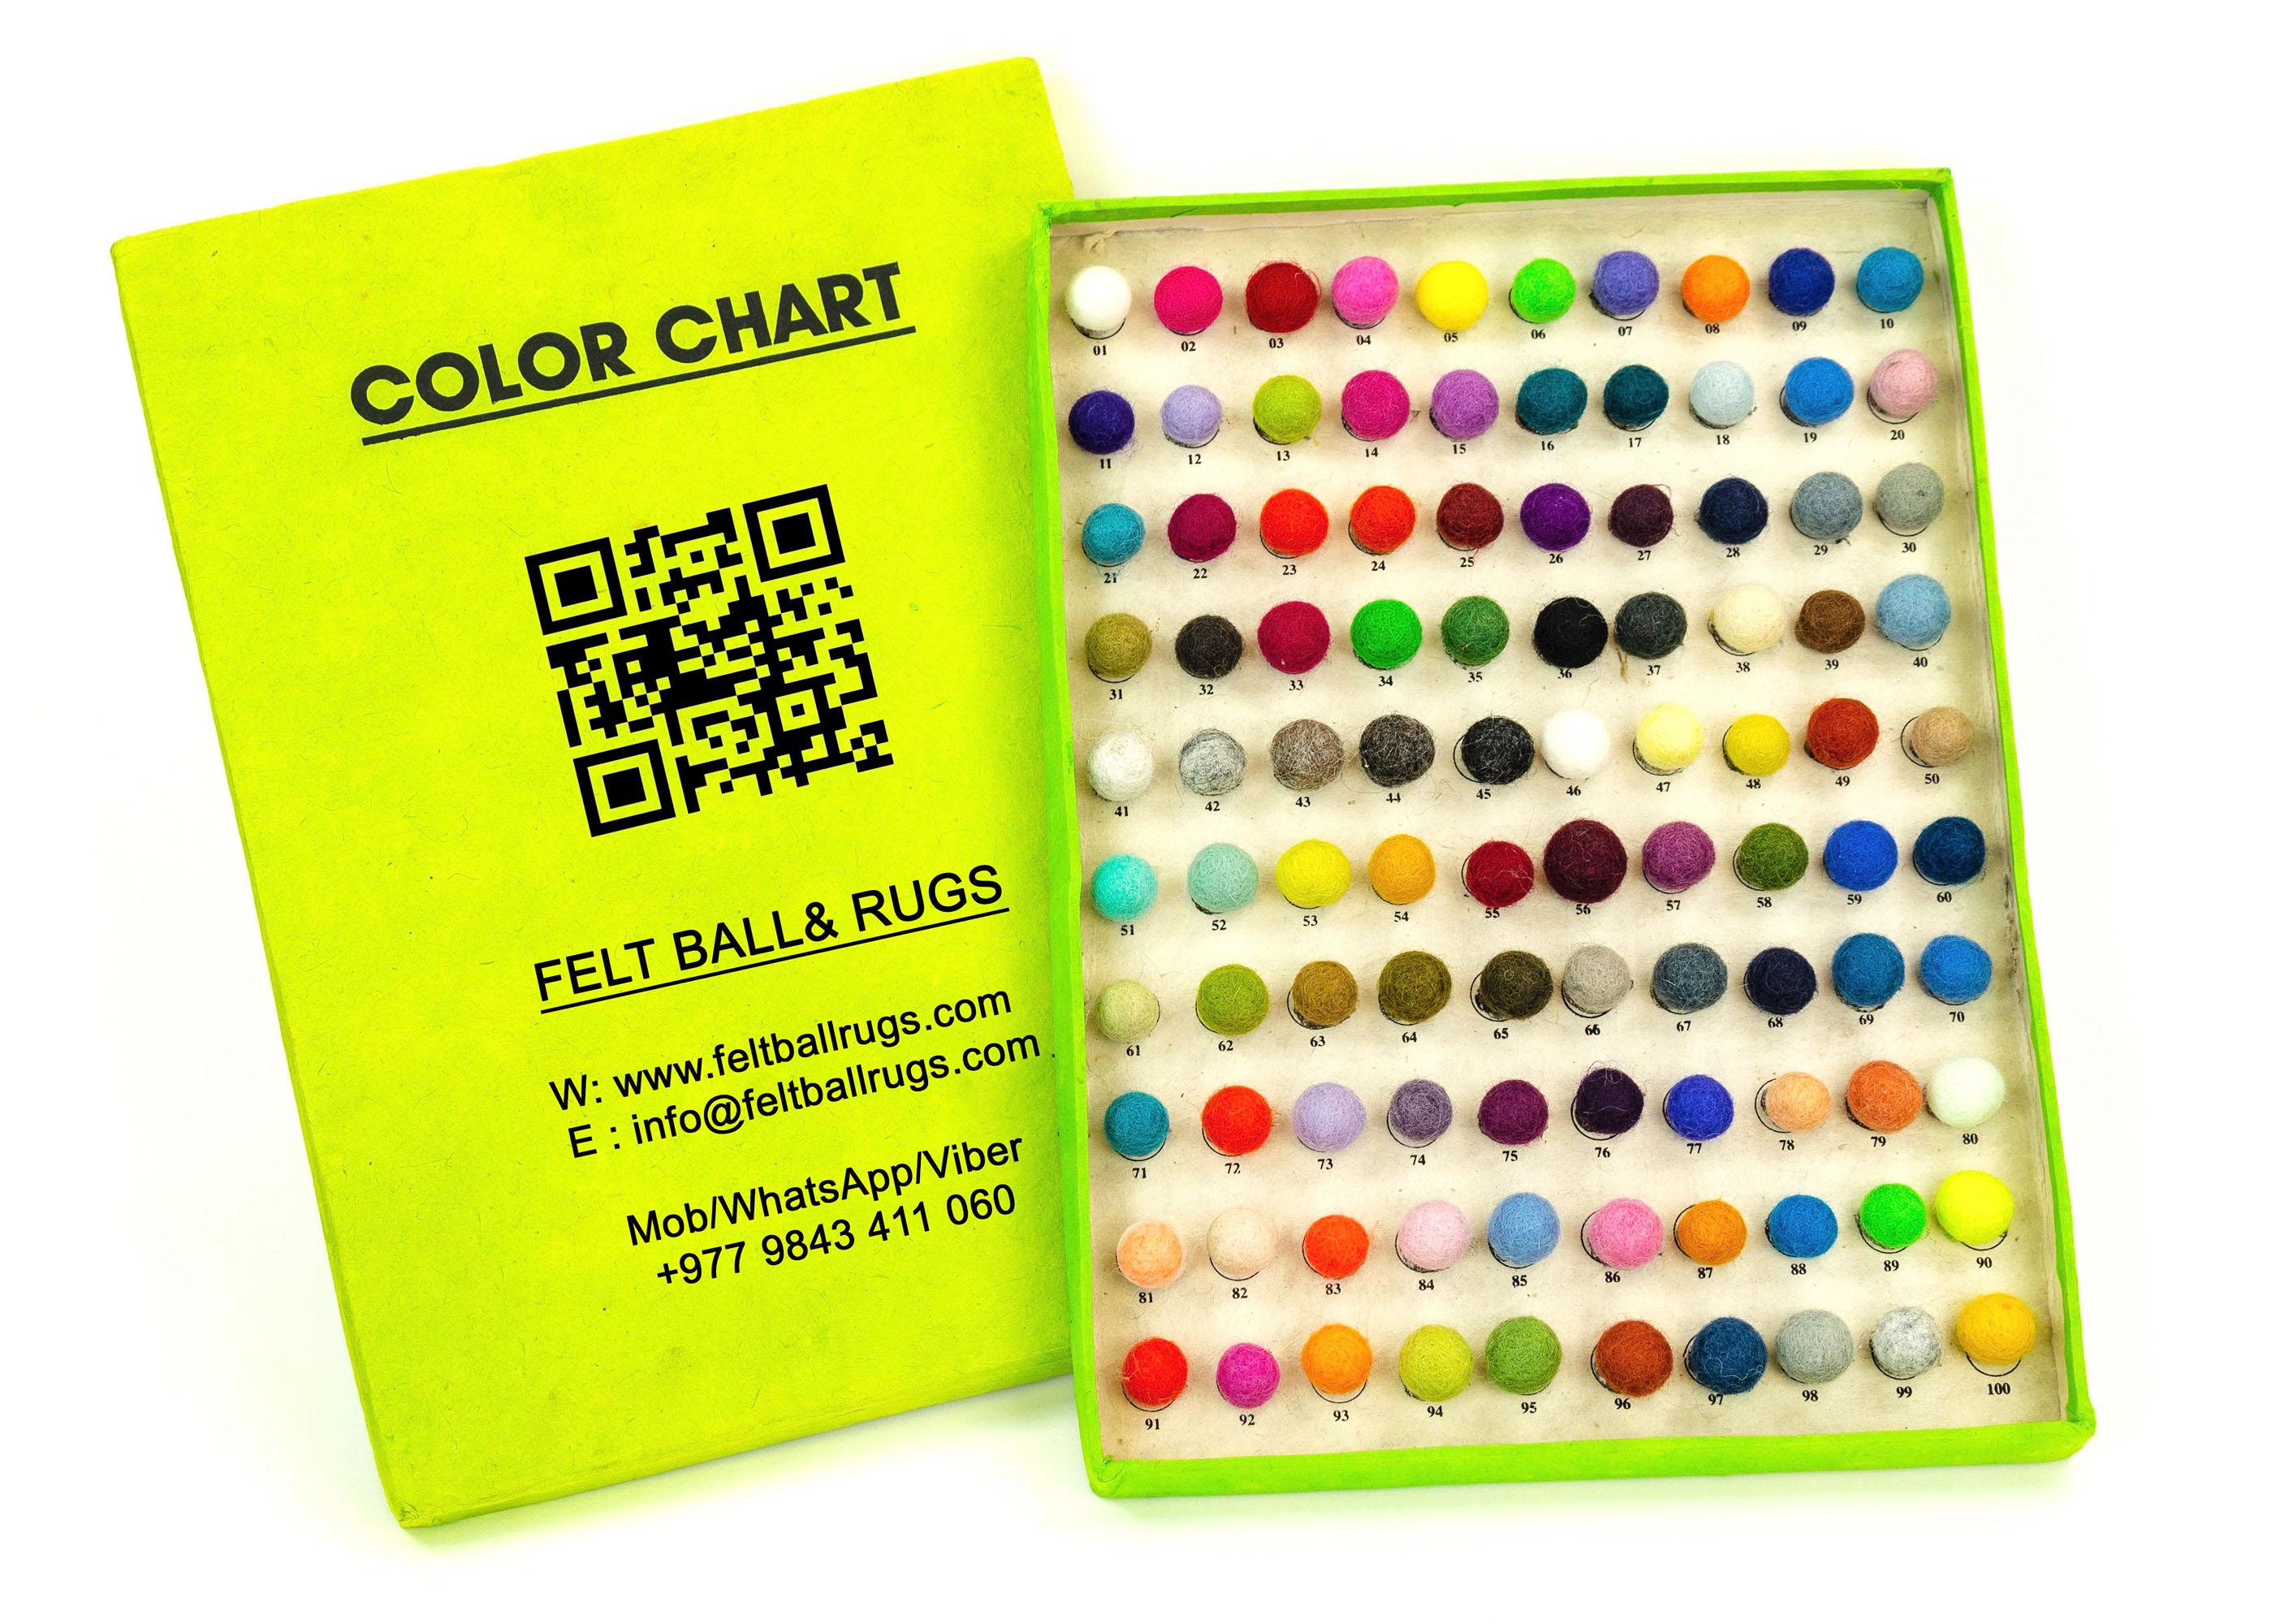 Color Chart Felt Ball Rugs